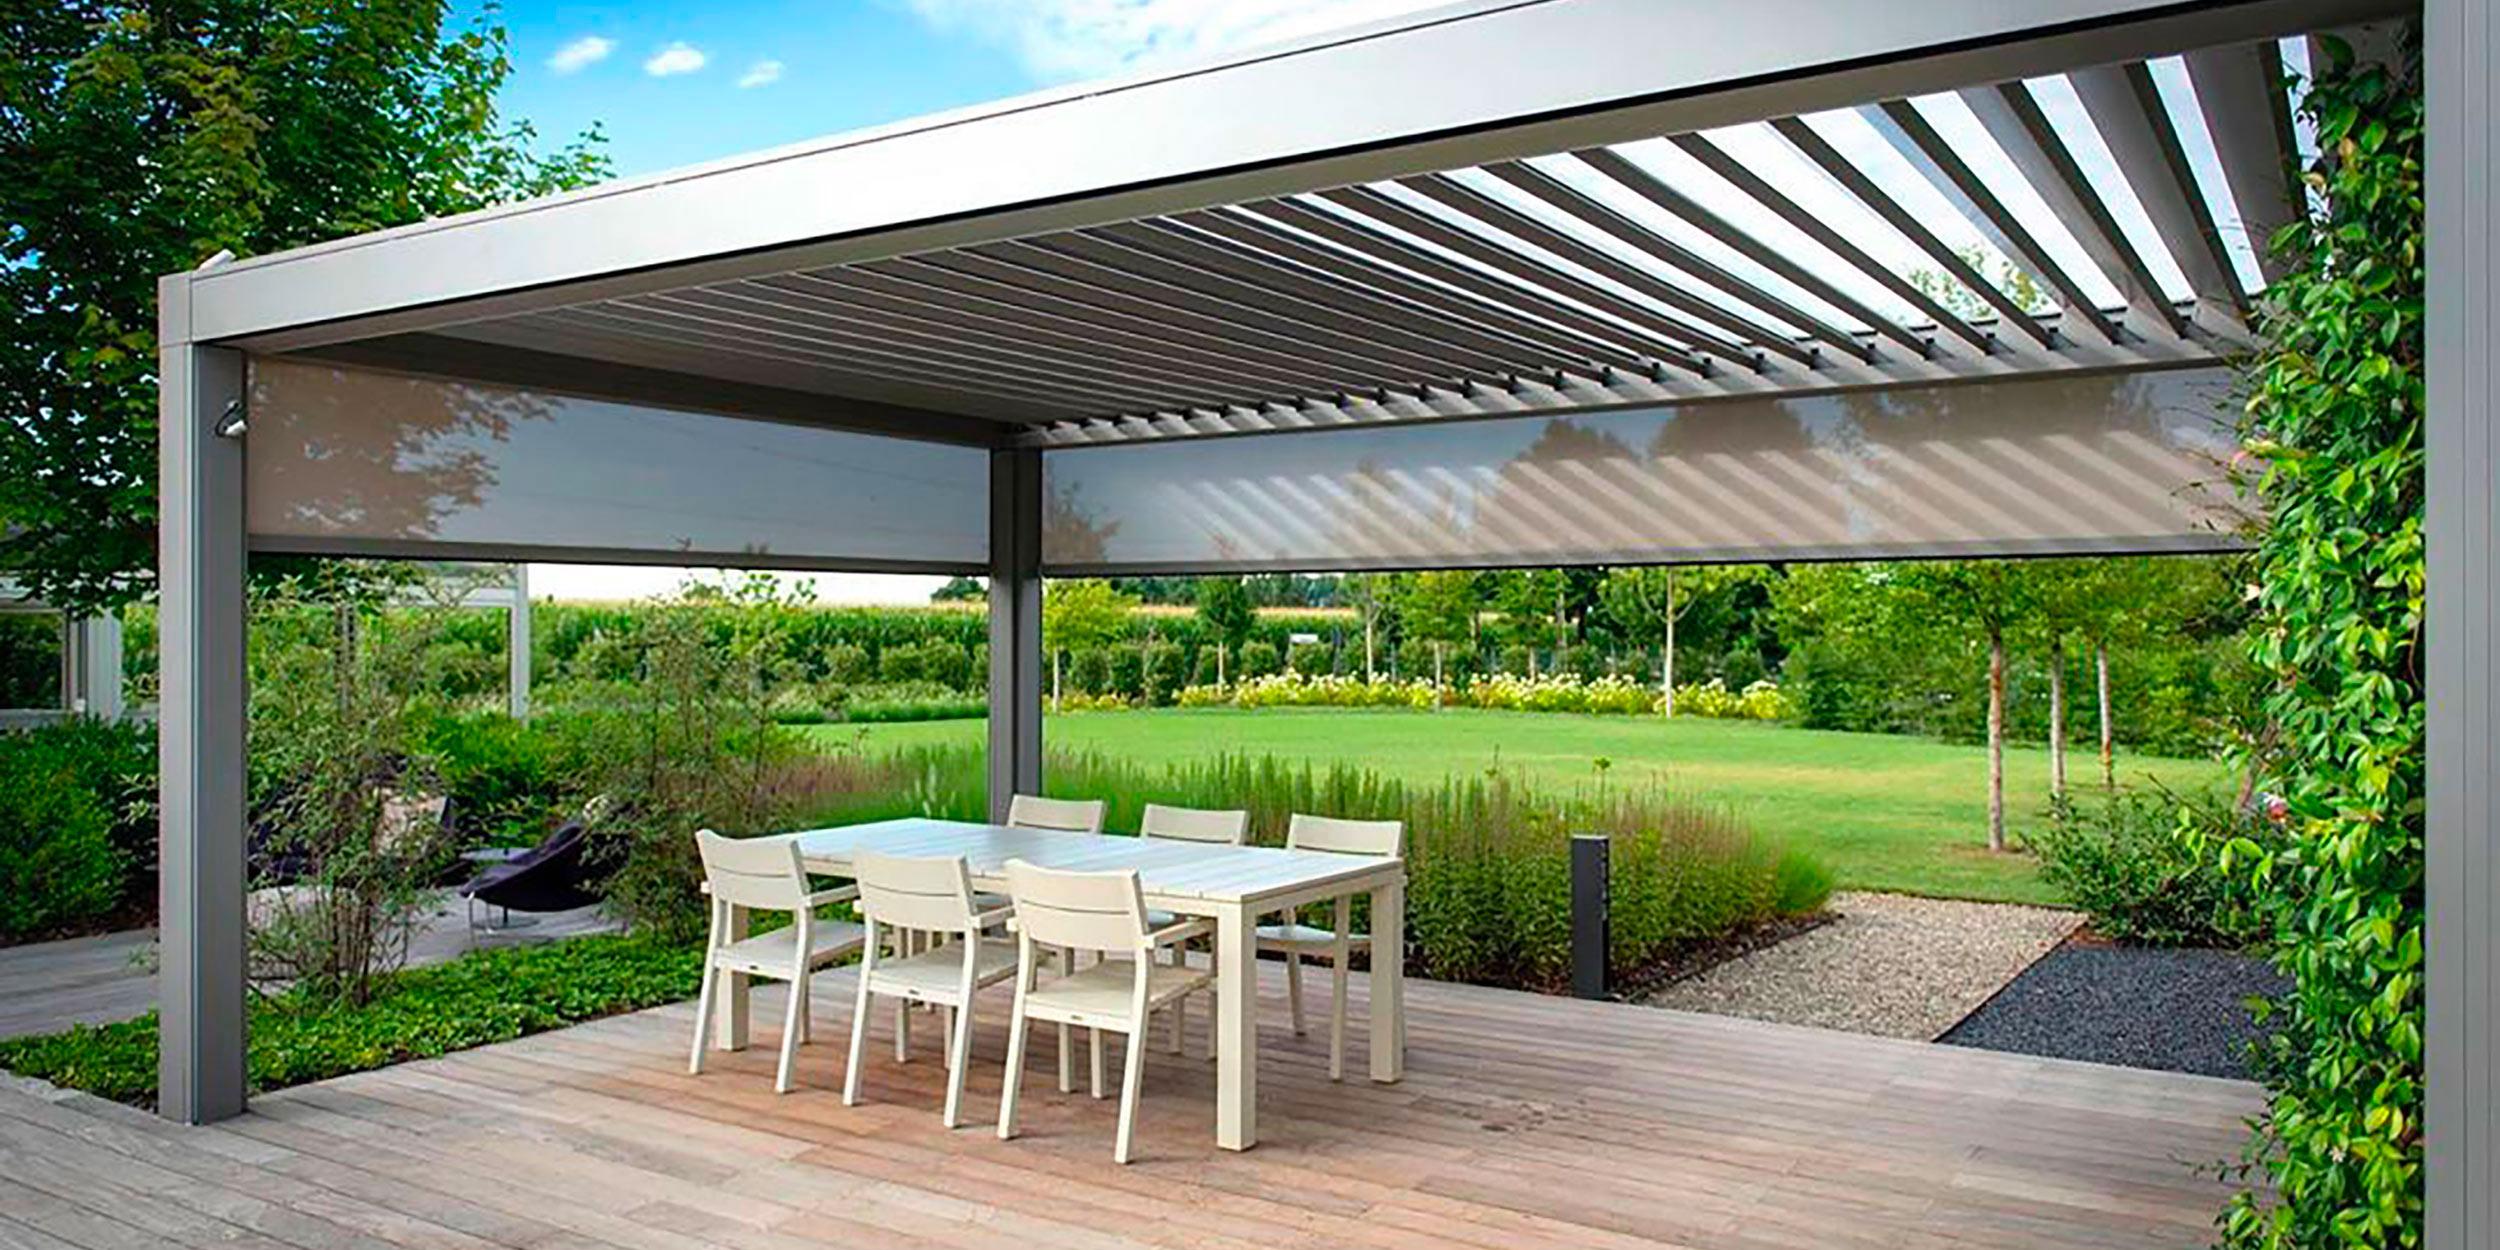 Pergola bioclimatica opera autoportante pergola for Tutto x giardino